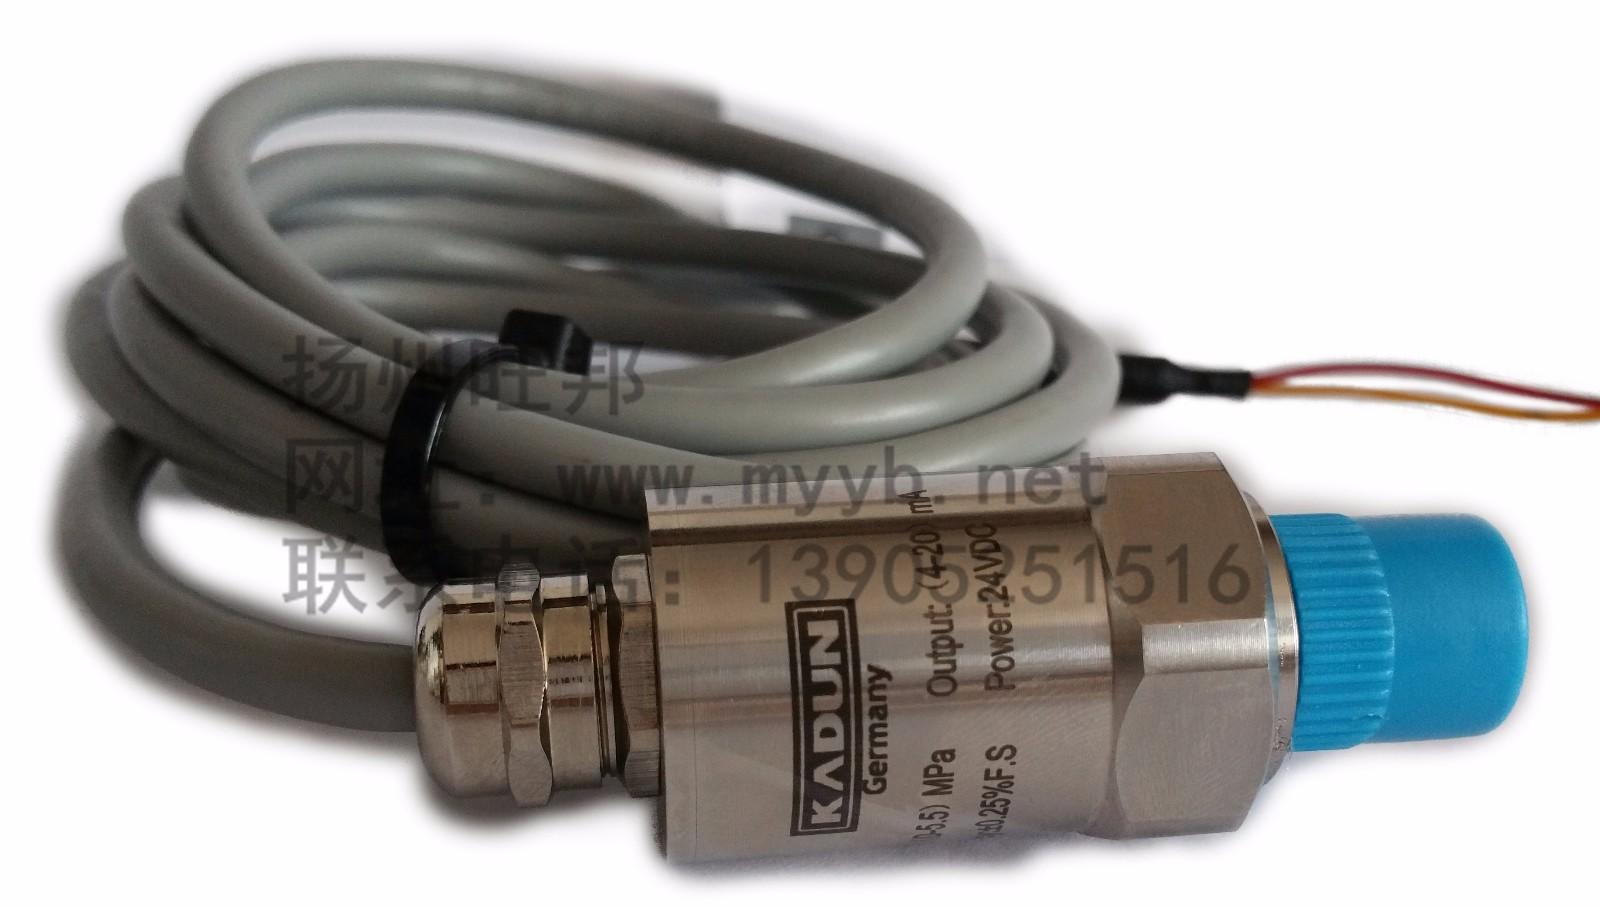 德国卡顿压力传感器全系列(买一送一)促销活动进行中